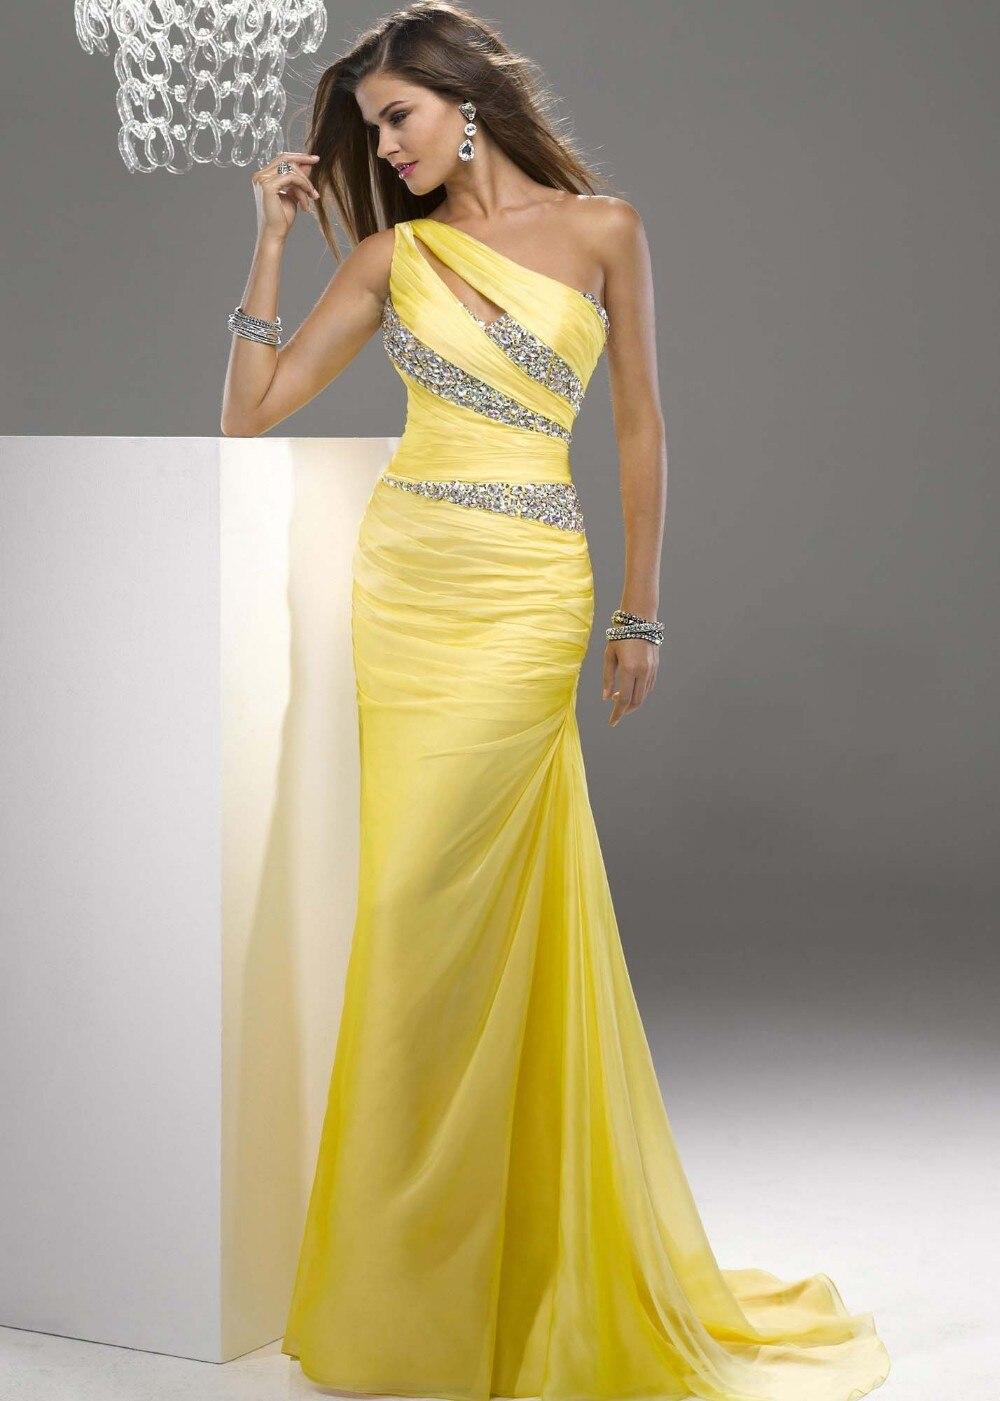 Just b prom dresses 3x